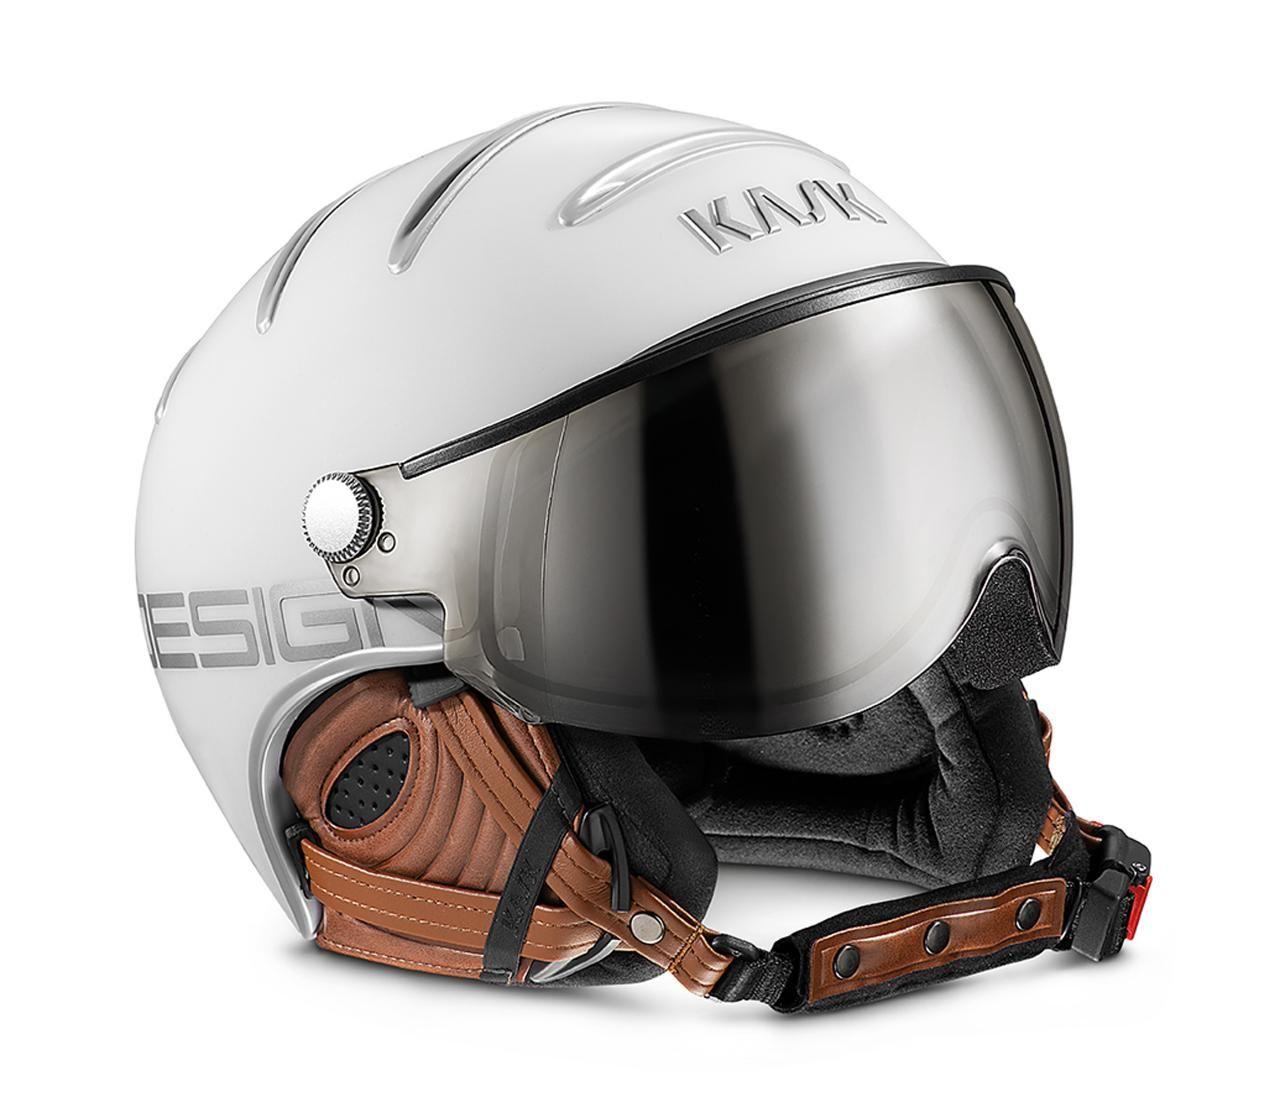 Kask Class Helmet Helmet, Biker helmets, Helmet design